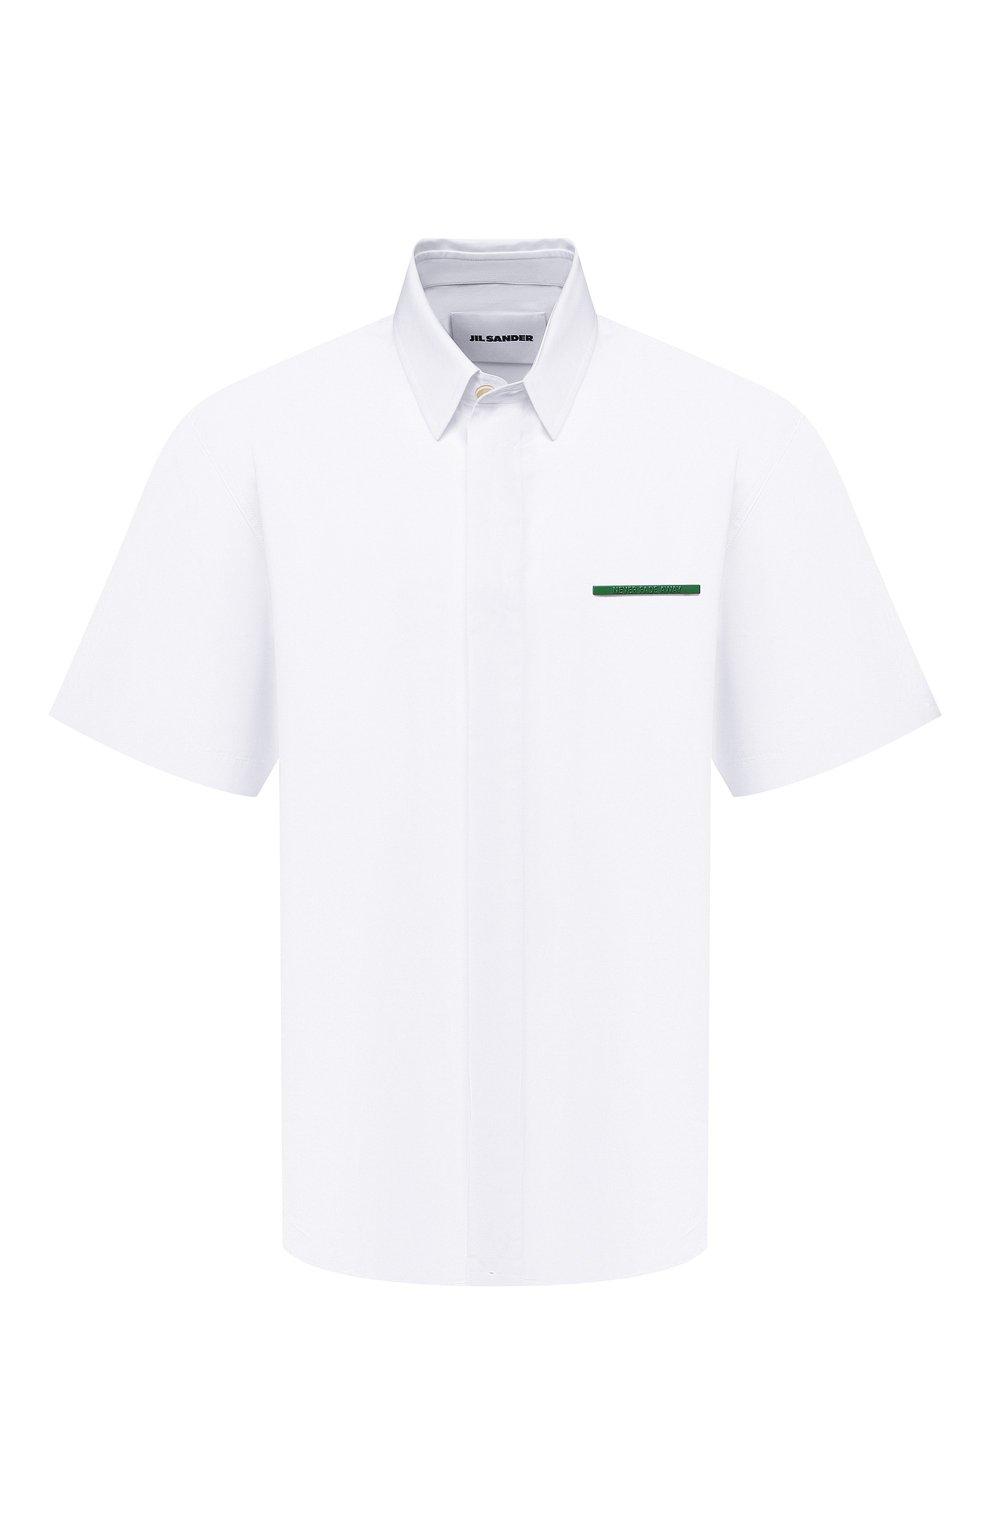 Мужская хлопковая рубашка JIL SANDER белого цвета, арт. JSMS740626-MS244200   Фото 1 (Воротник: Кент; Рубашки М: Classic Fit; Рукава: Короткие; Случай: Повседневный; Длина (для топов): Стандартные; Материал внешний: Хлопок; Принт: Однотонные; Стили: Кэжуэл)